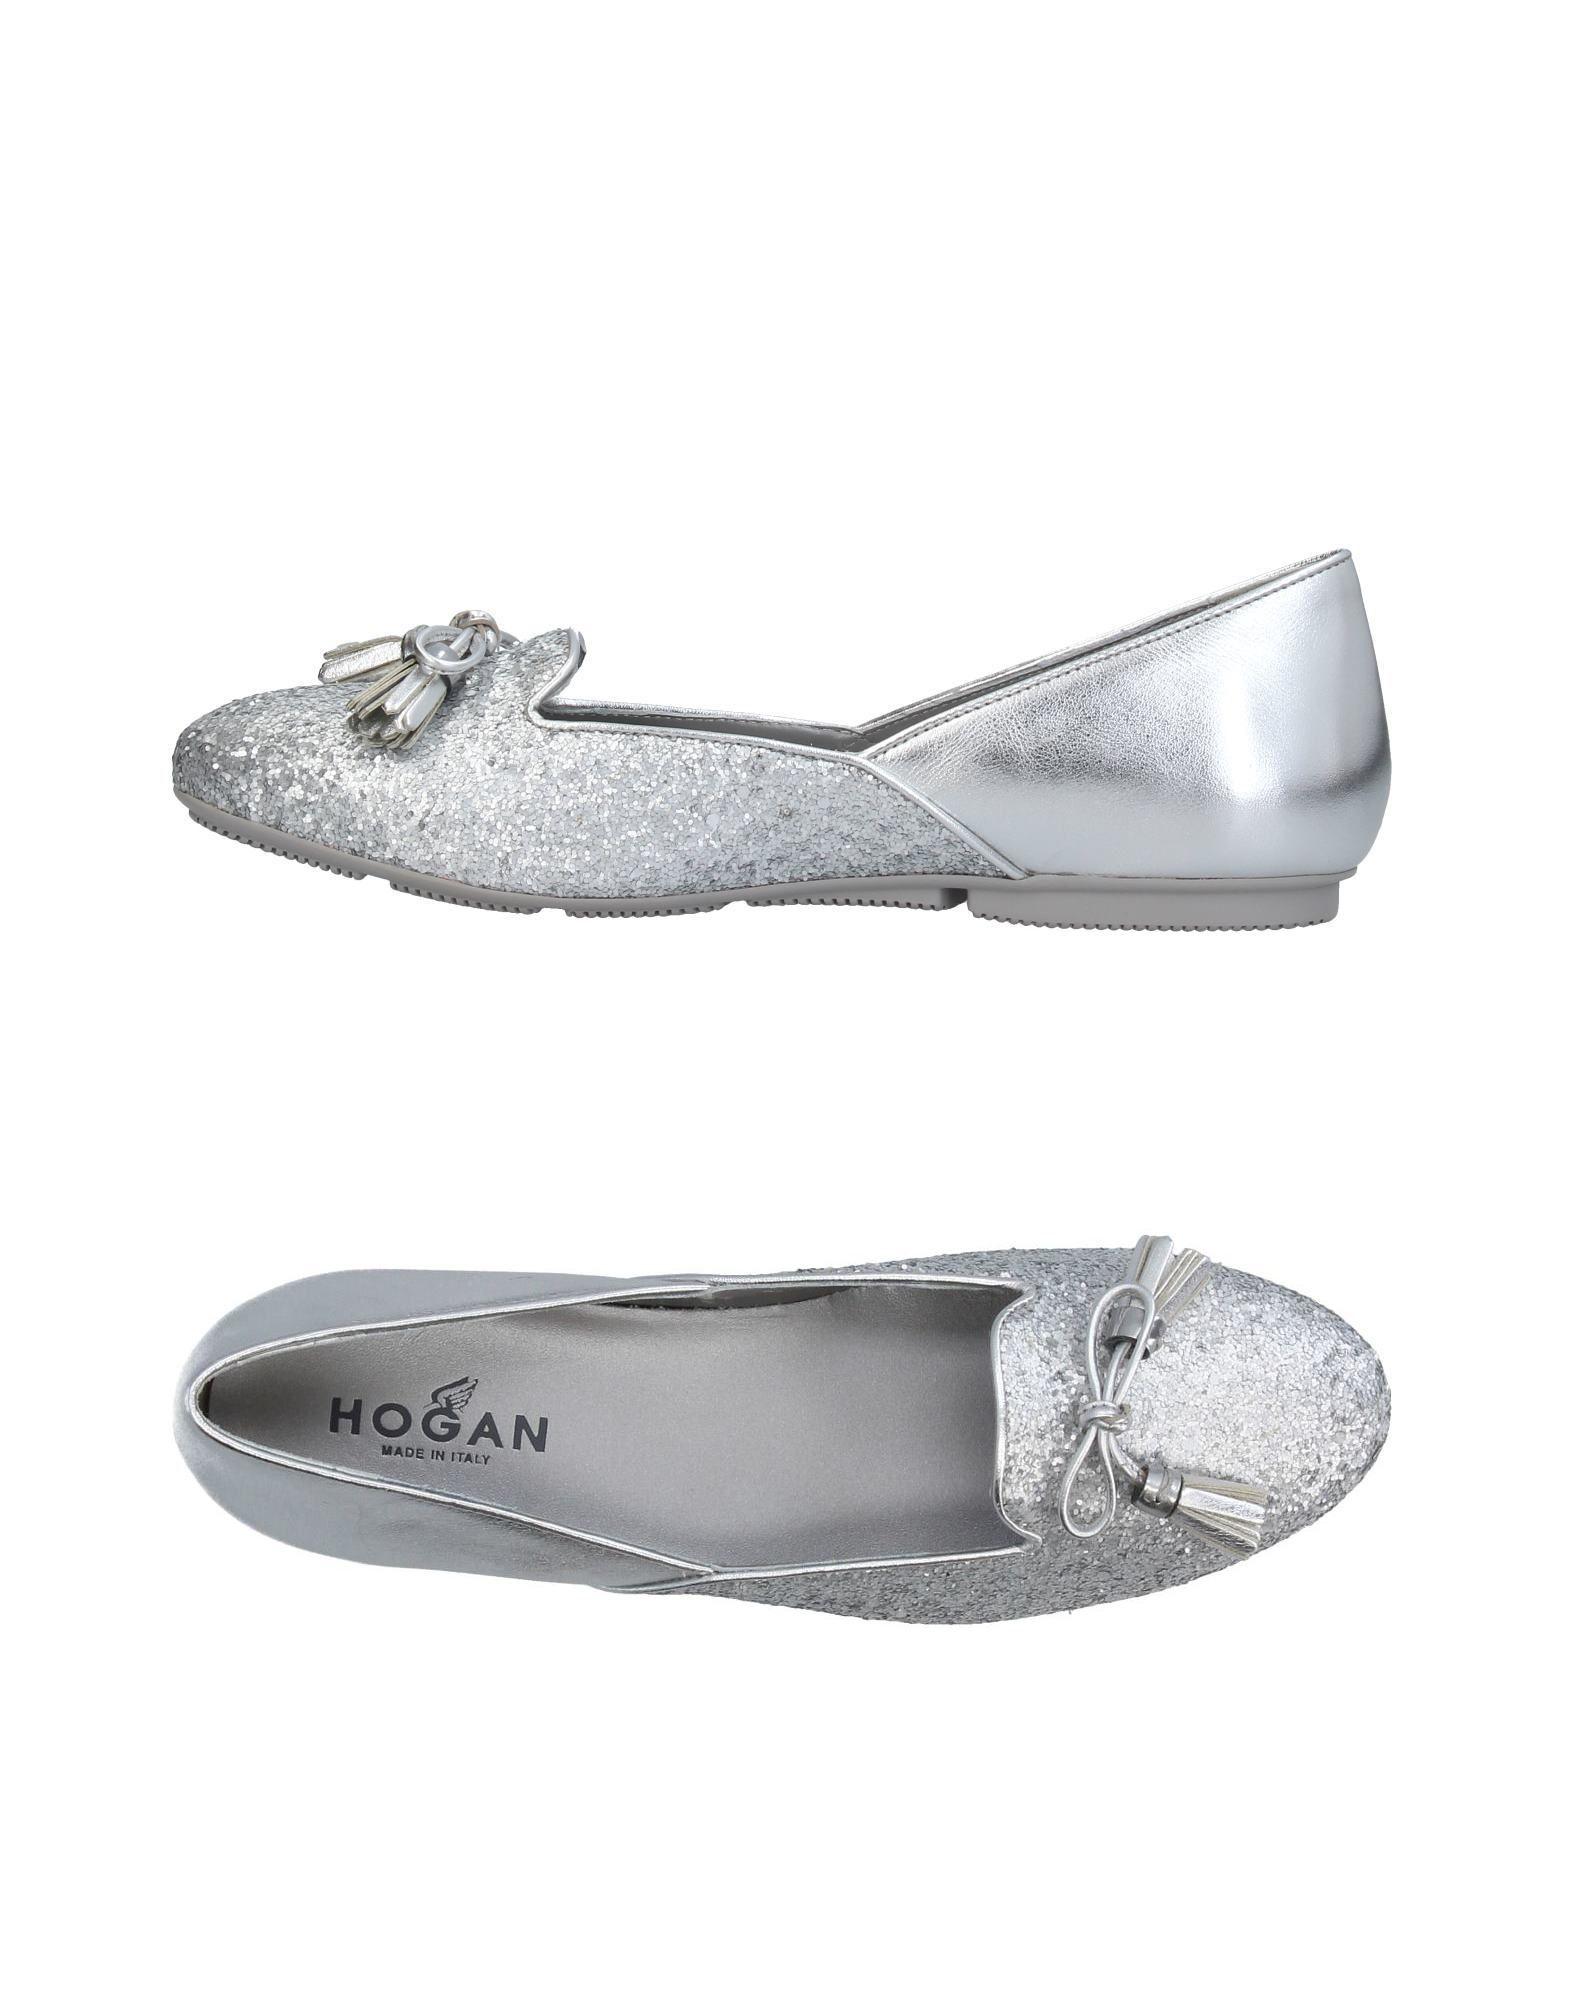 Scarpe economiche e resistenti Ballerine Hogan Donna - 11396001PW